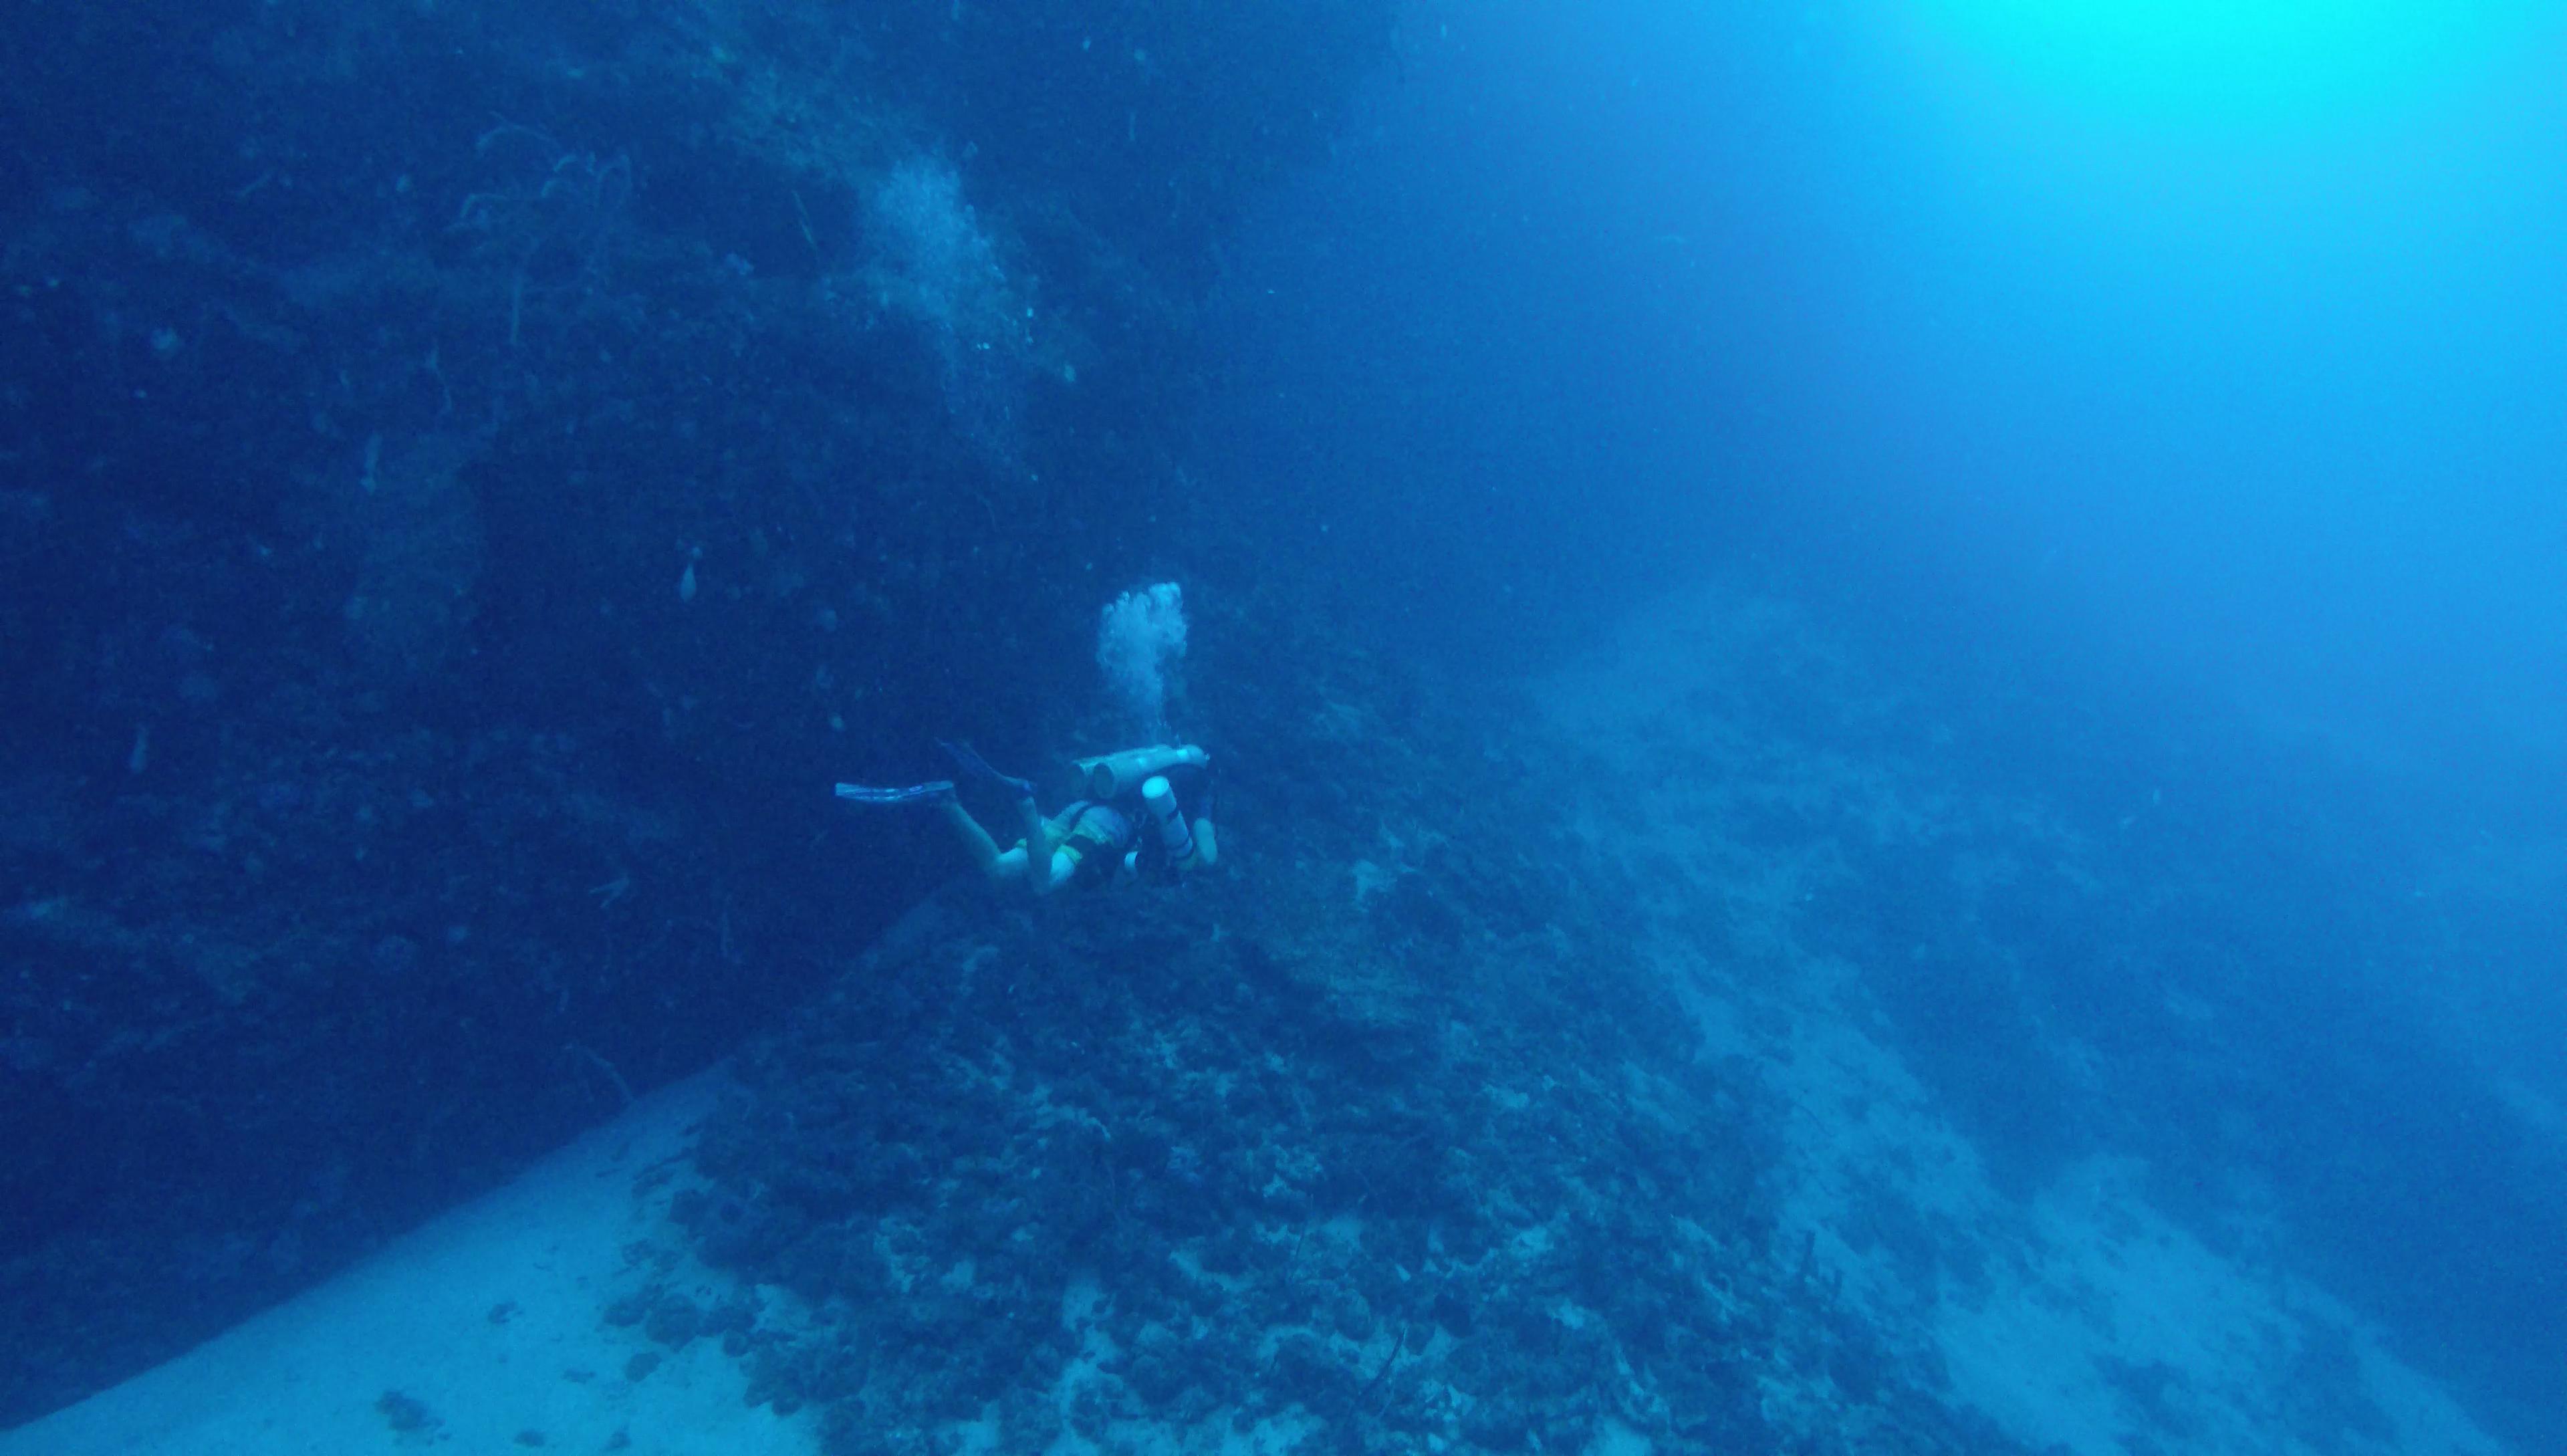 tec diving at 50m